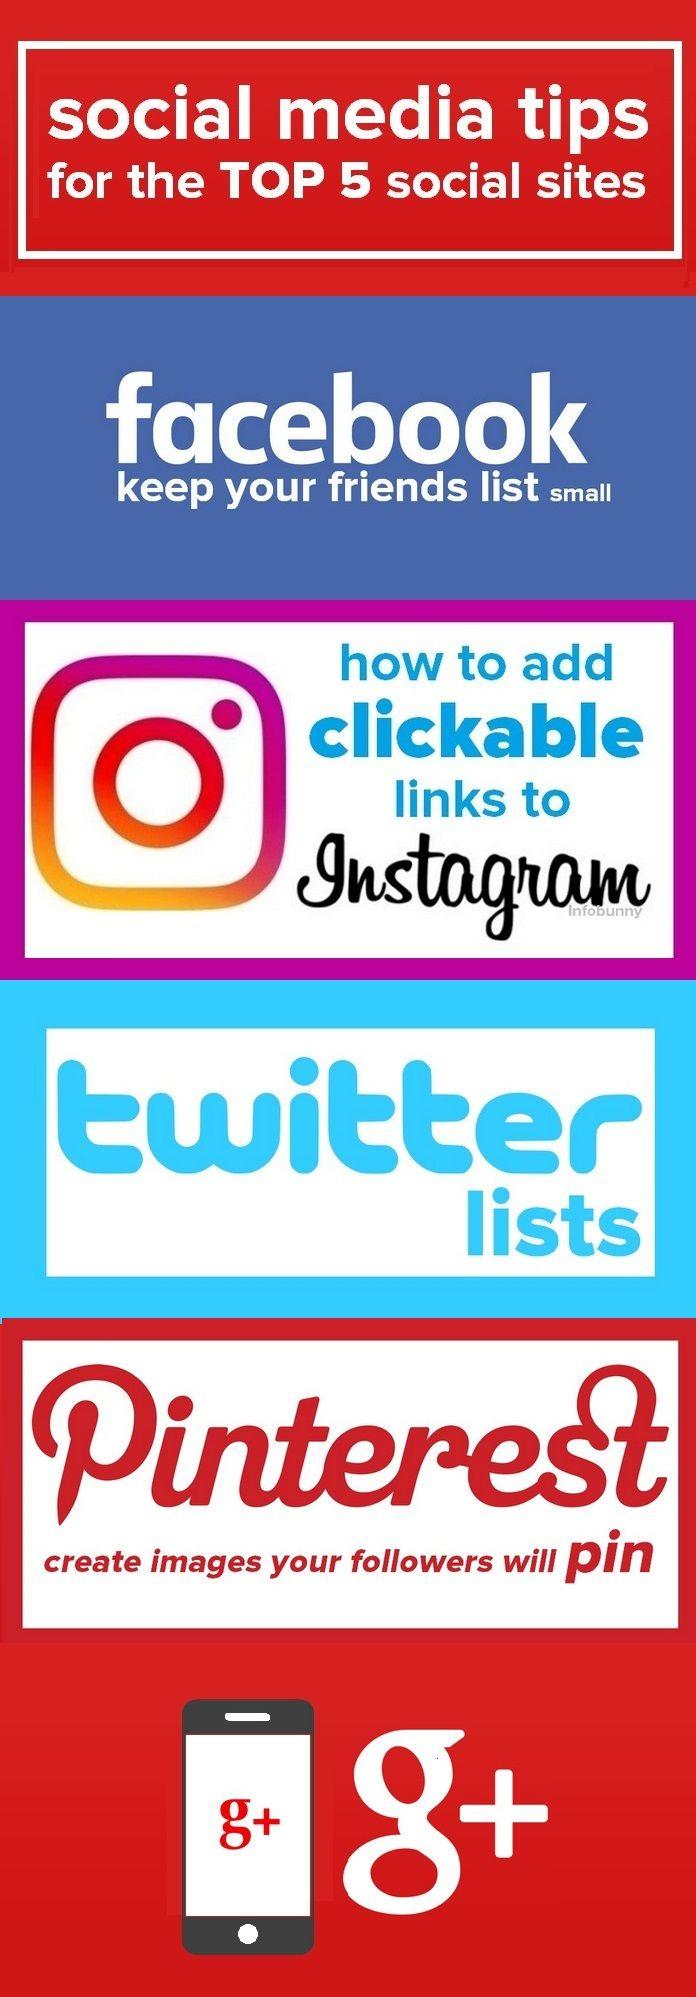 Social media tips for the top 5 social sites #facebook #instagram #twitter #pinterest